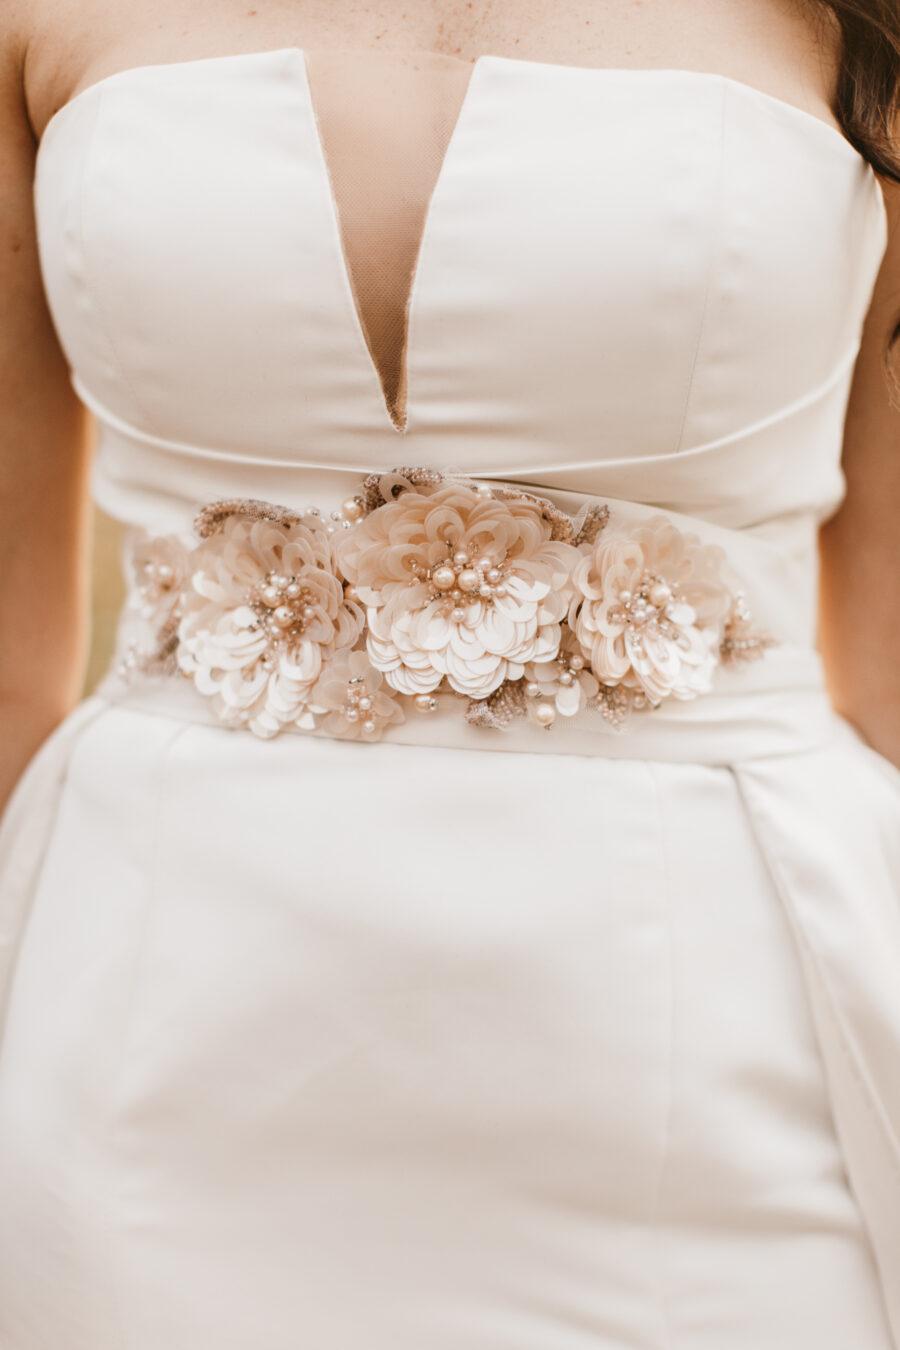 Flower wedding dress belt | Nashville Bride Guide